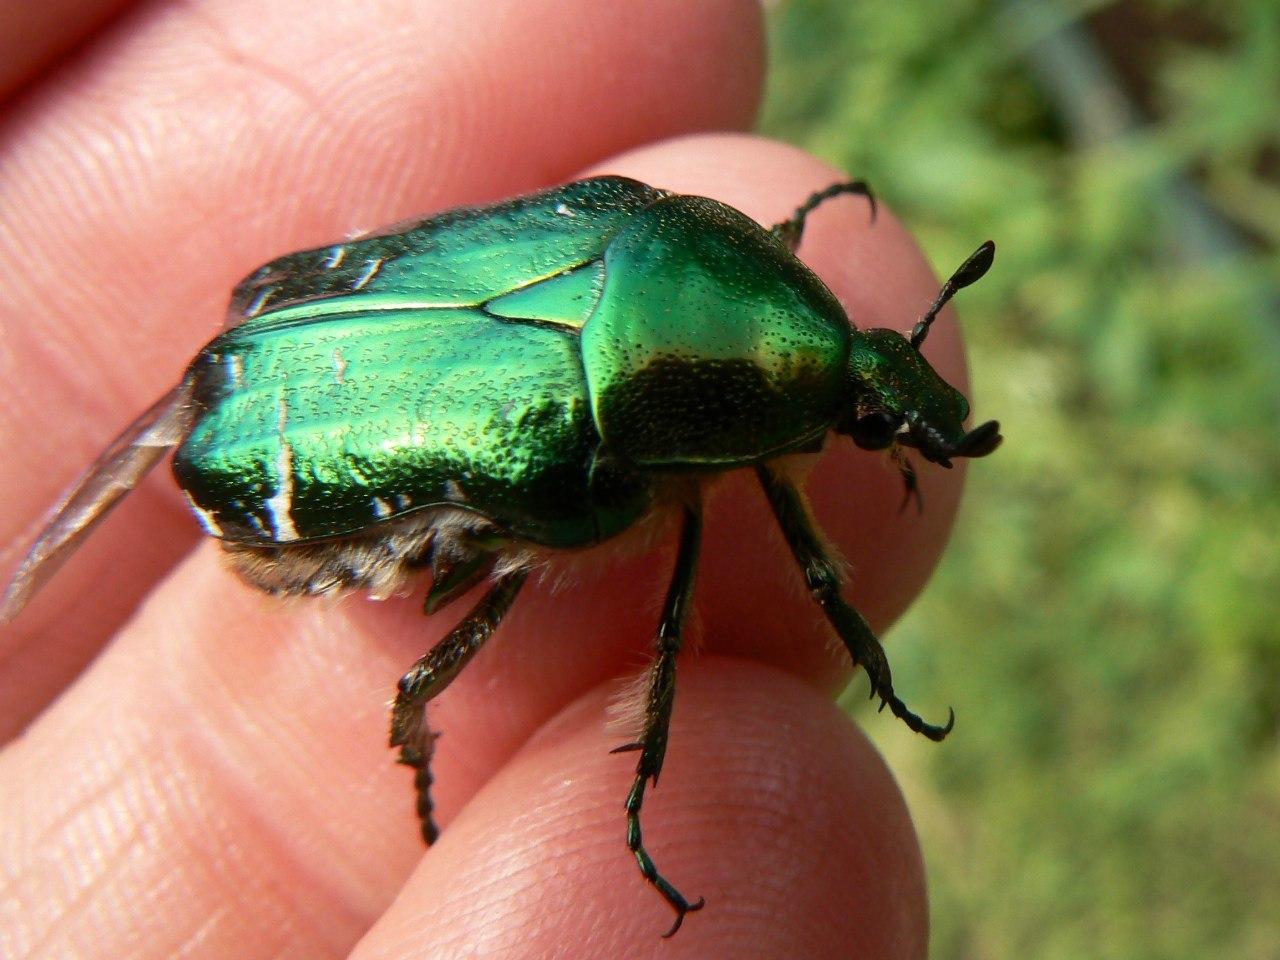 предназначена зеленый майский жук фото тебе жизни